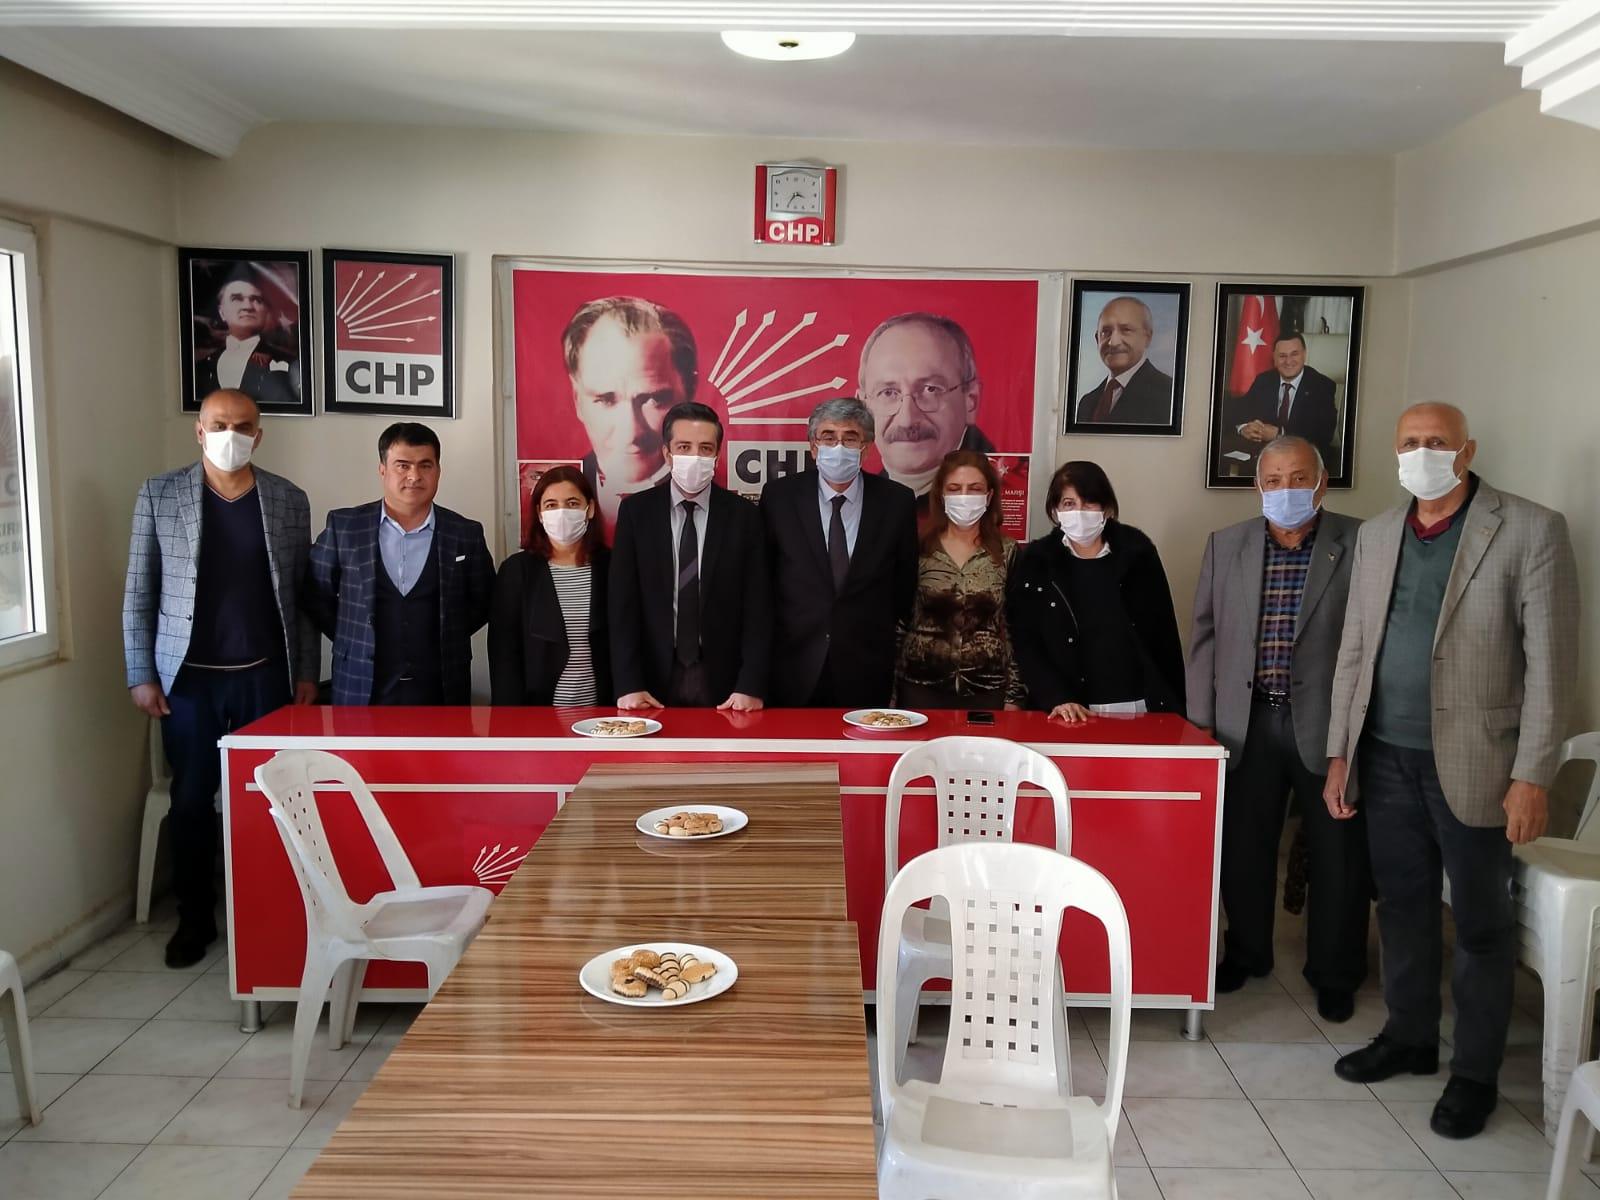 CHP İL BAŞKANI KIRIKHAN'DA